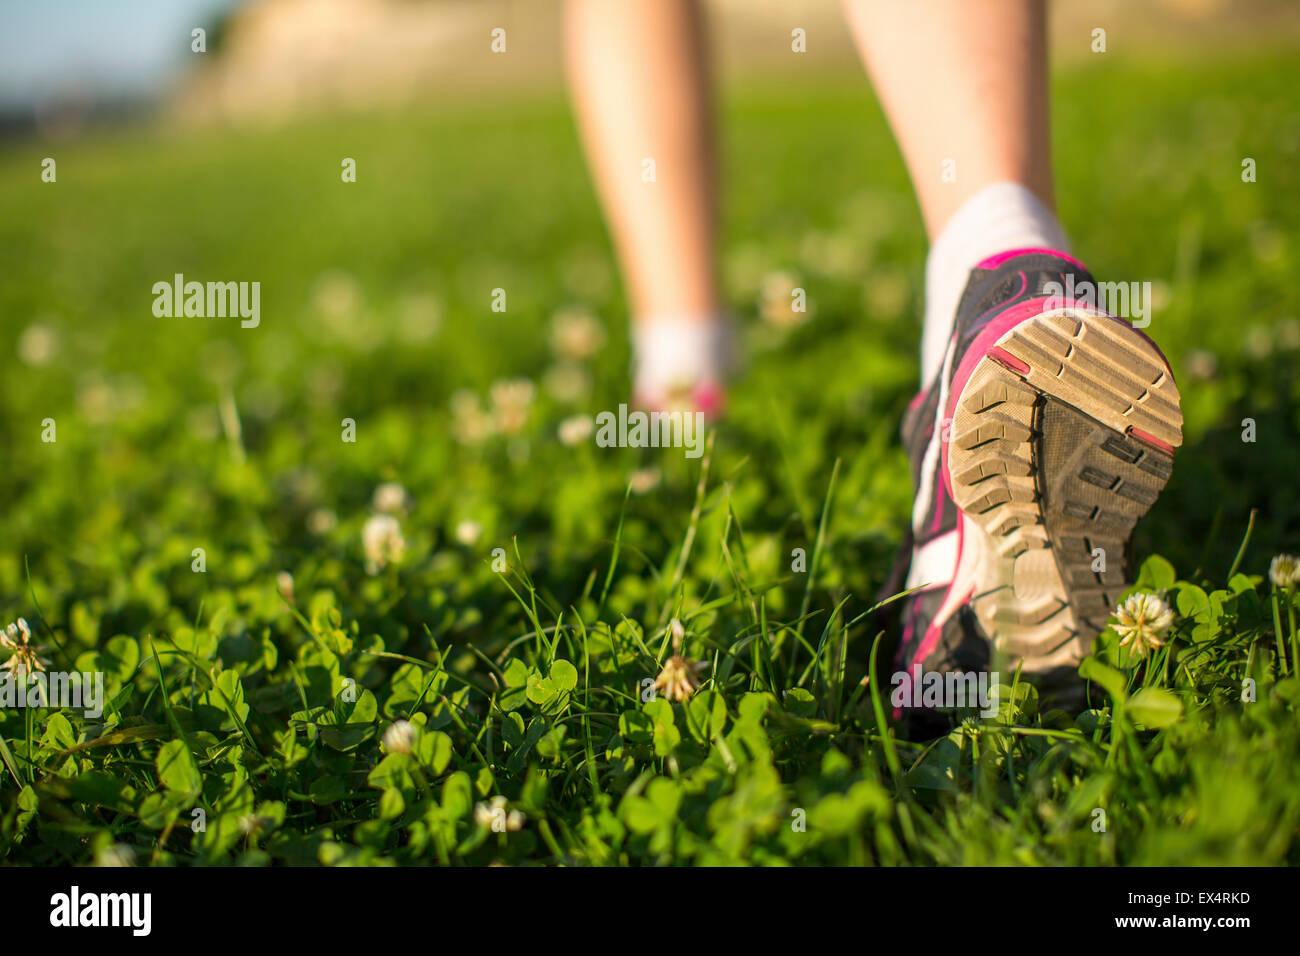 Caminante caminar en la hierba verde al aire libre, cerca de ángulo bajo los pies. Imagen De Stock